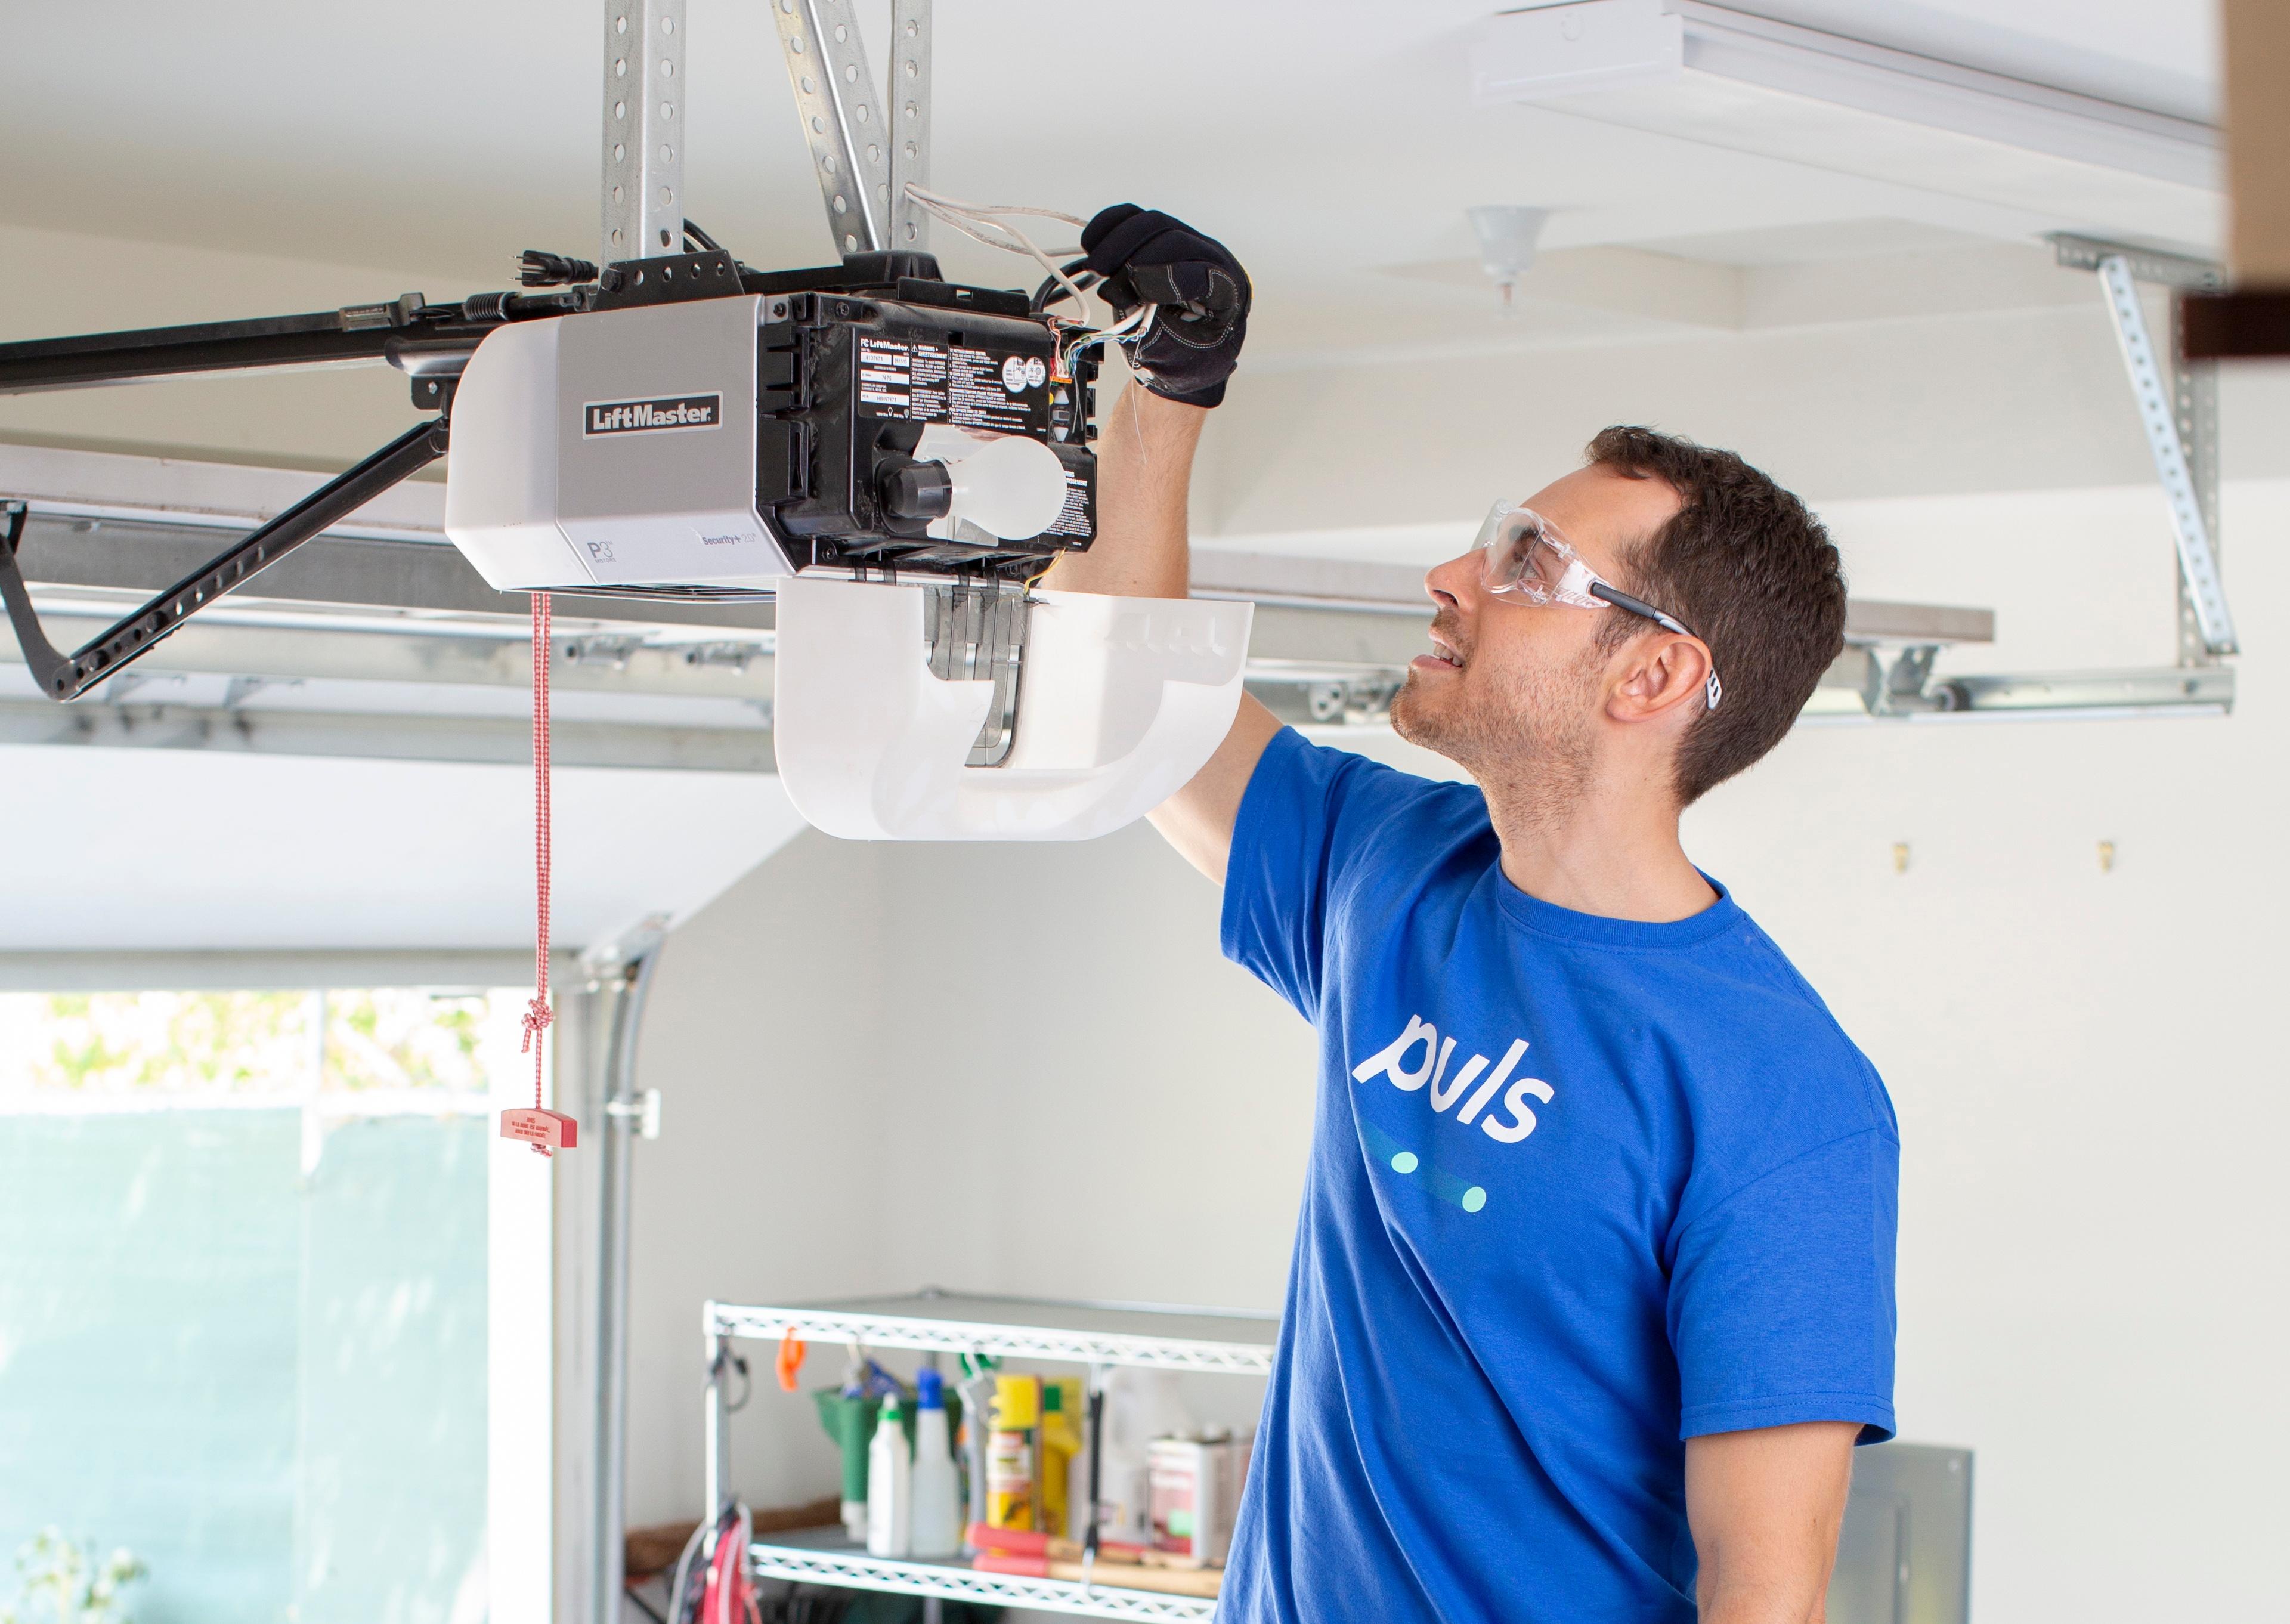 Puls garage door repair technician